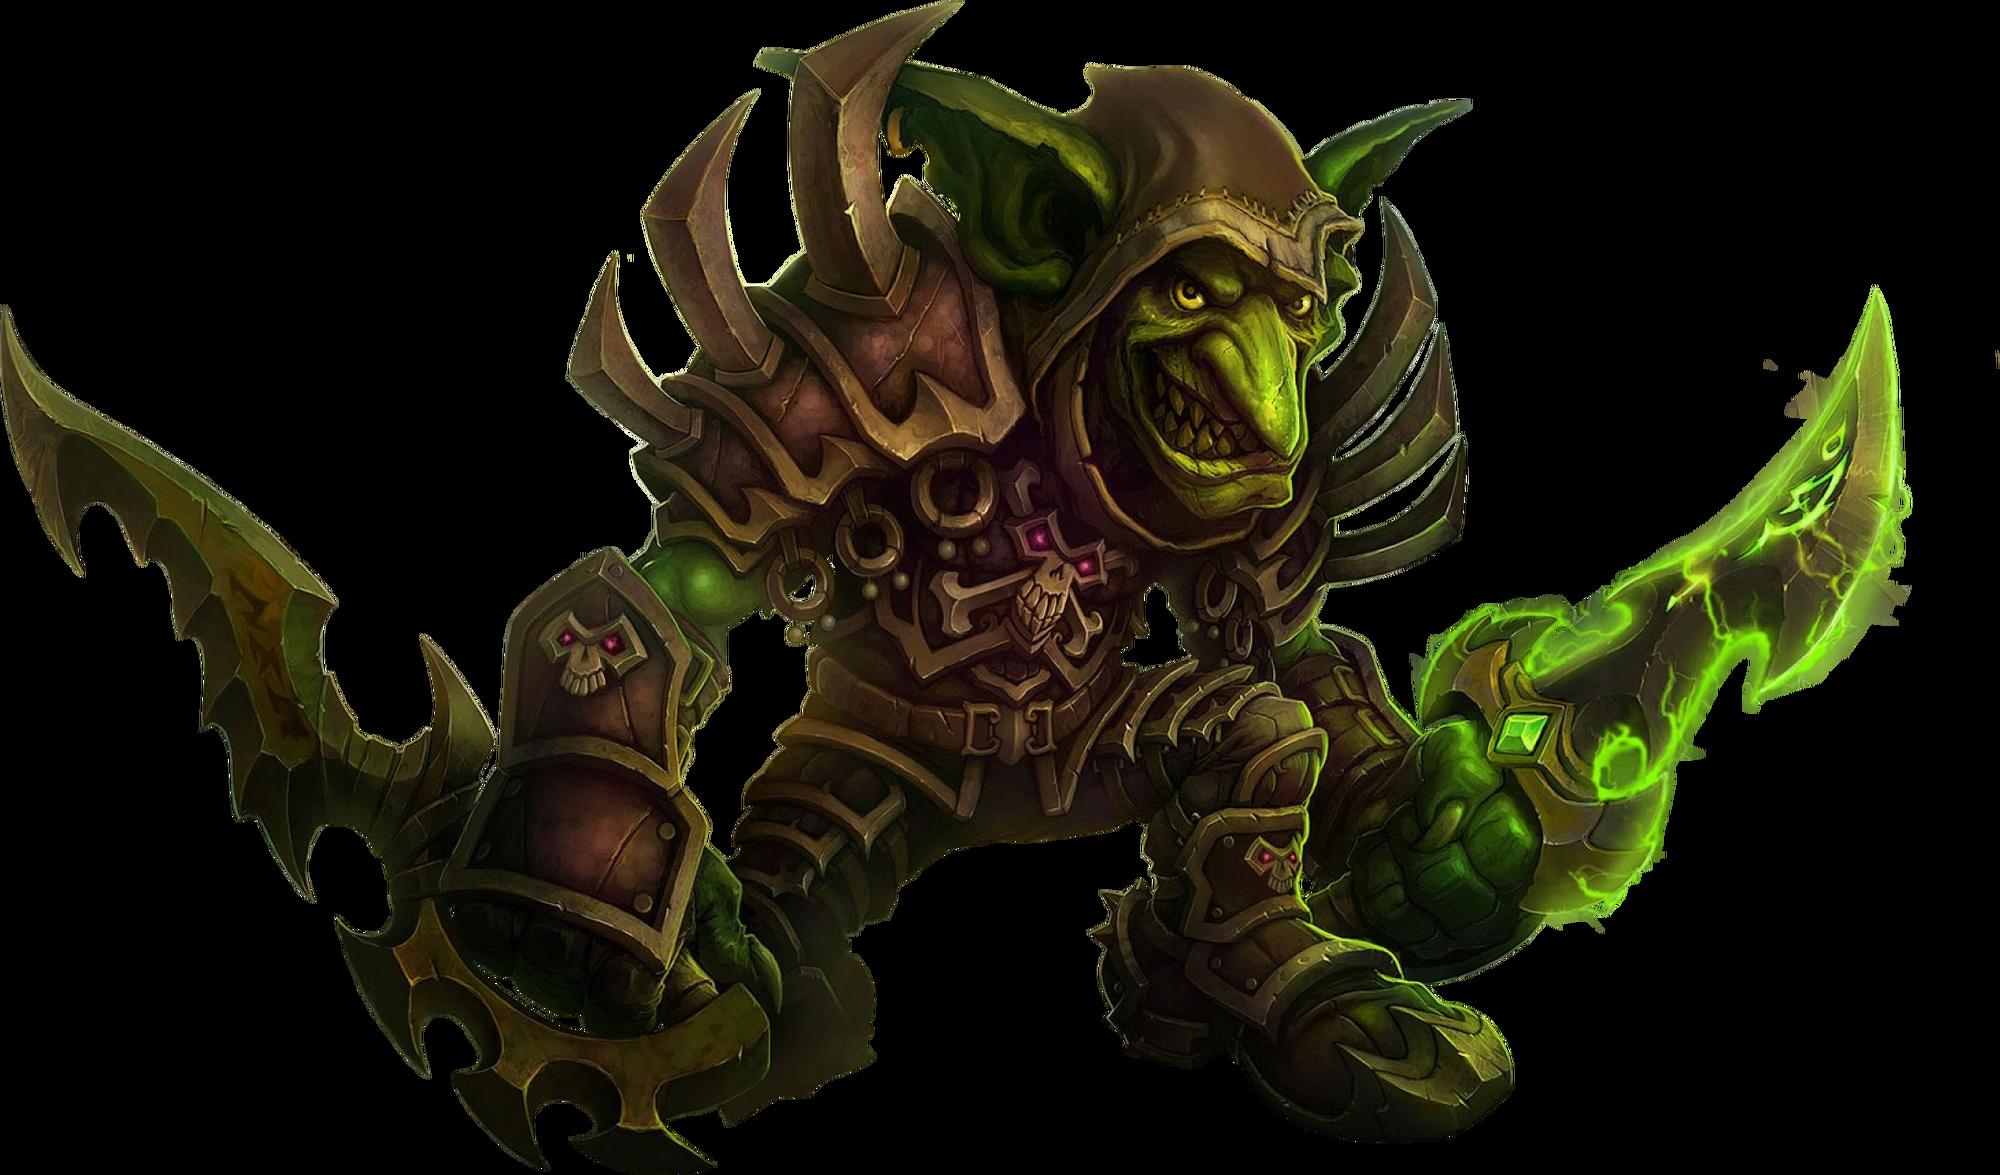 Goblin | WoWWiki | FANDOM powered by Wikia